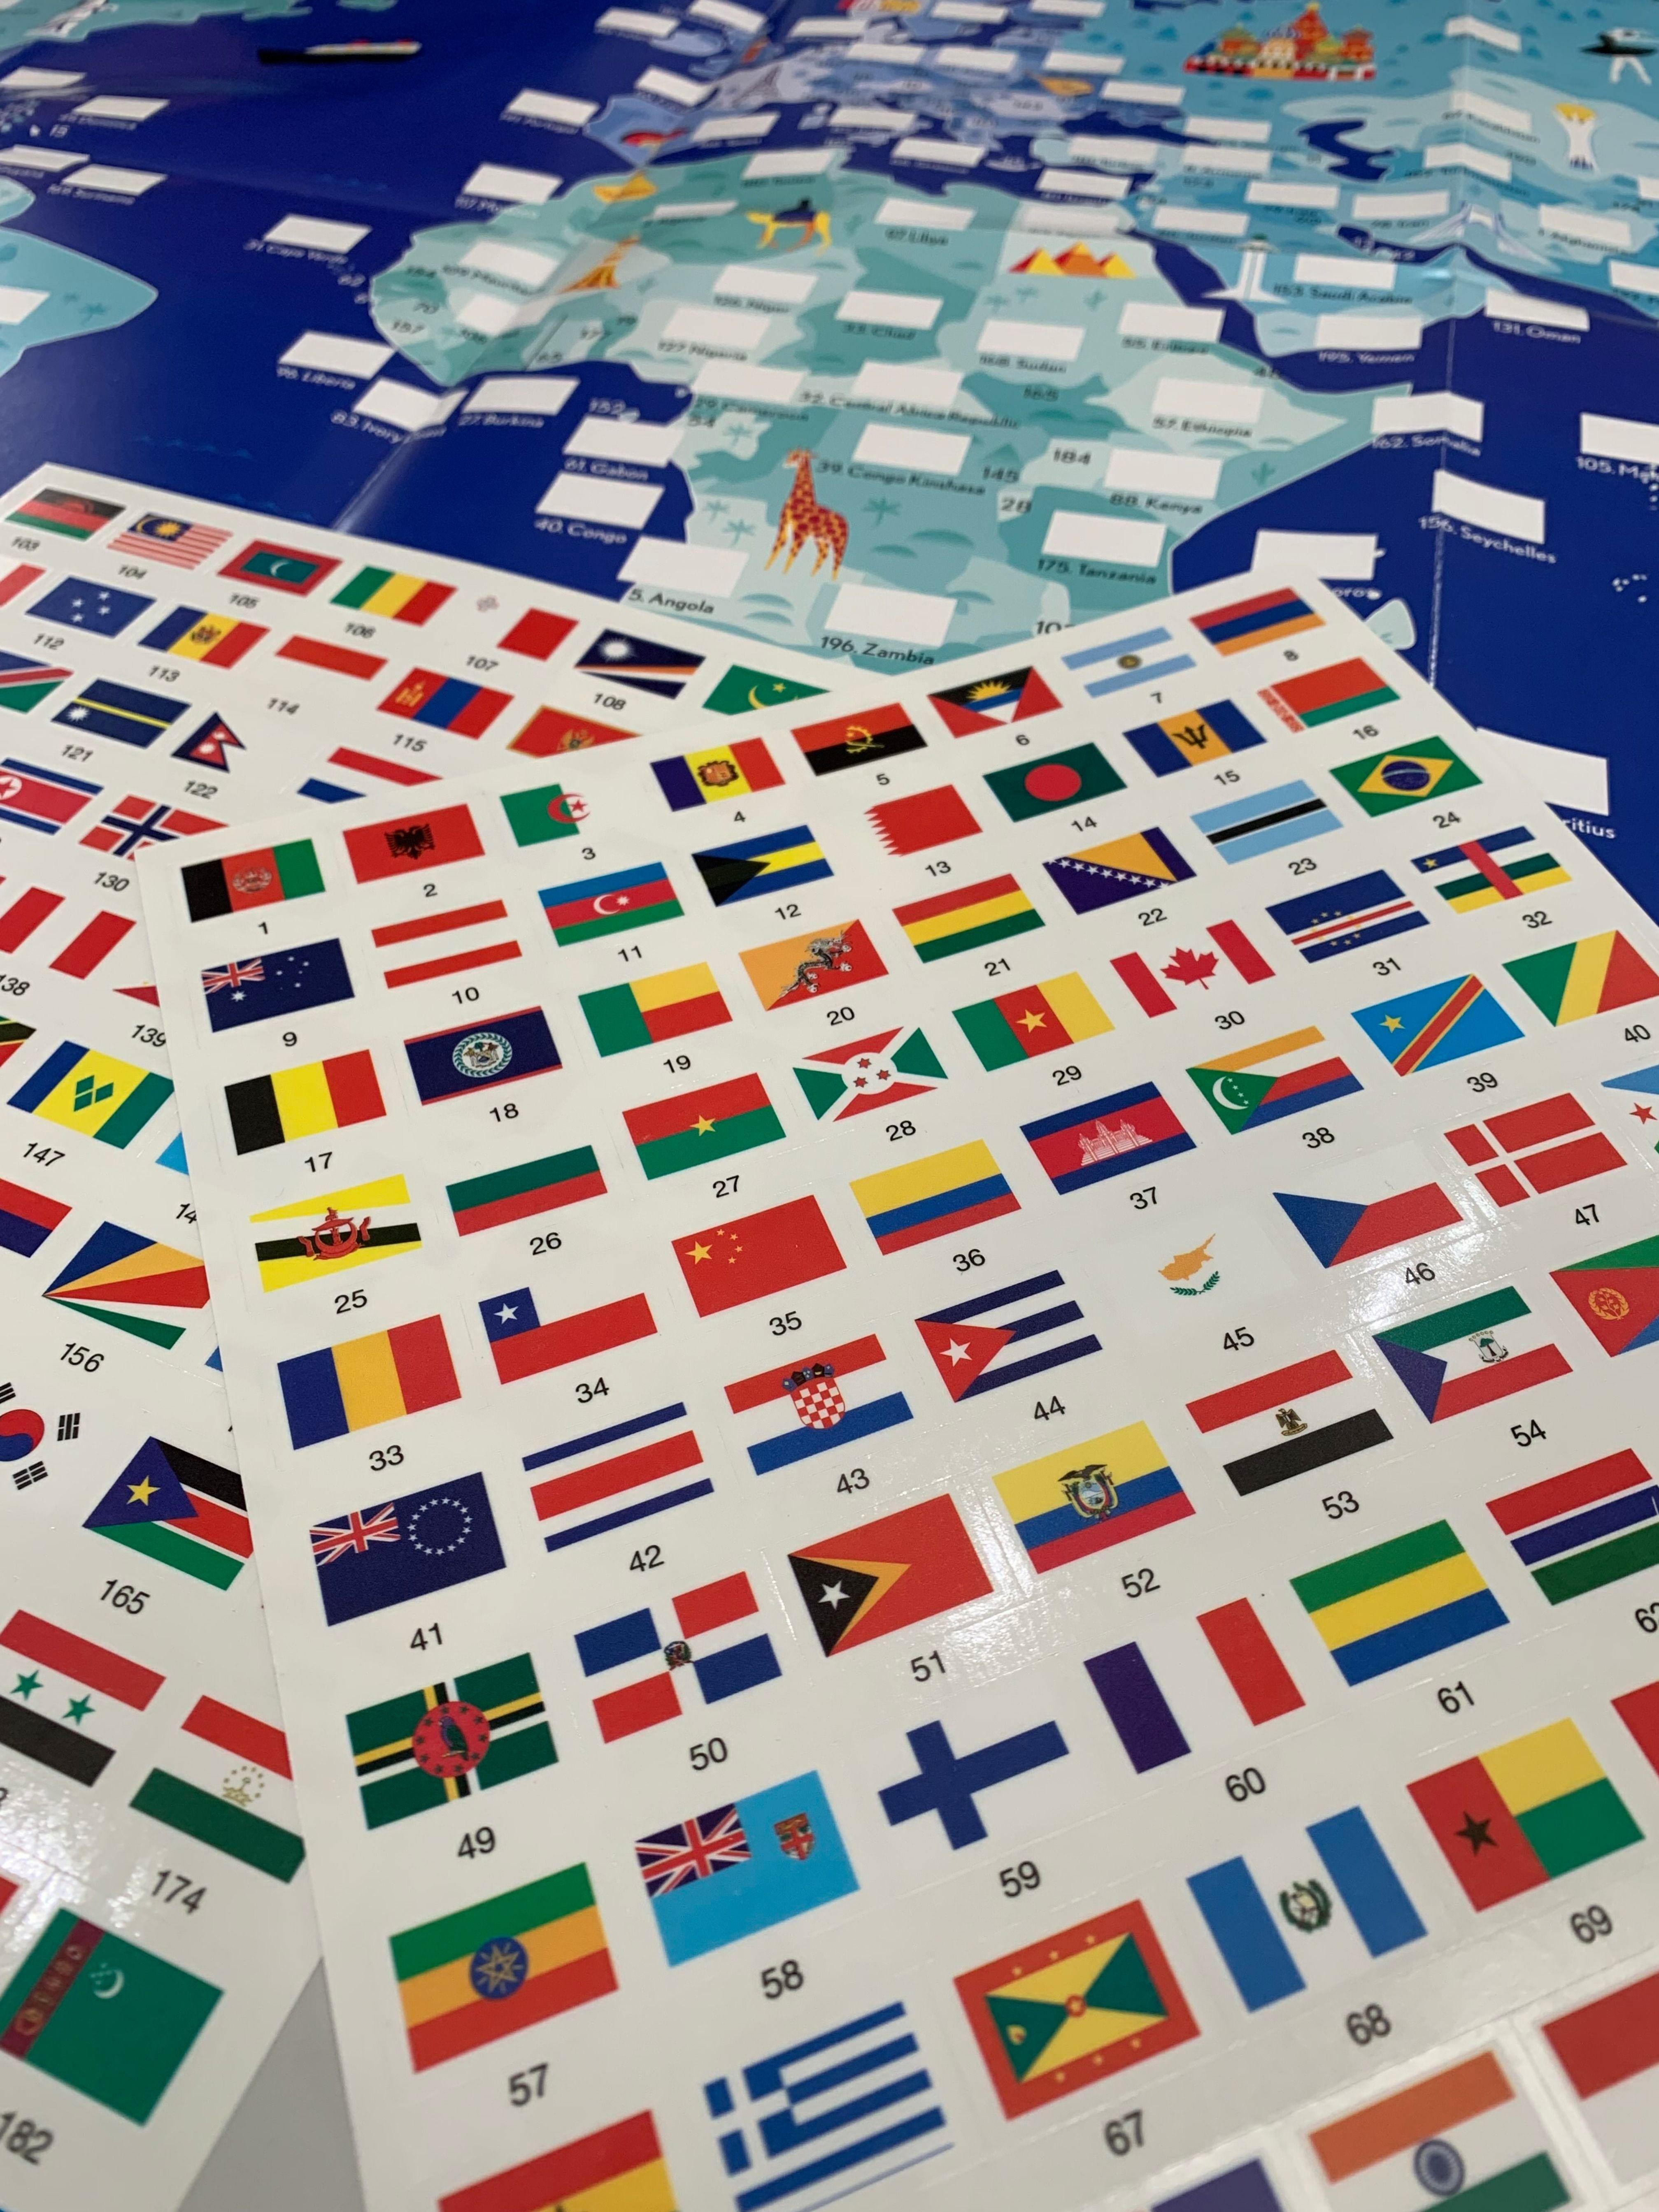 banderas de todos los paises del mundo y sus nombres